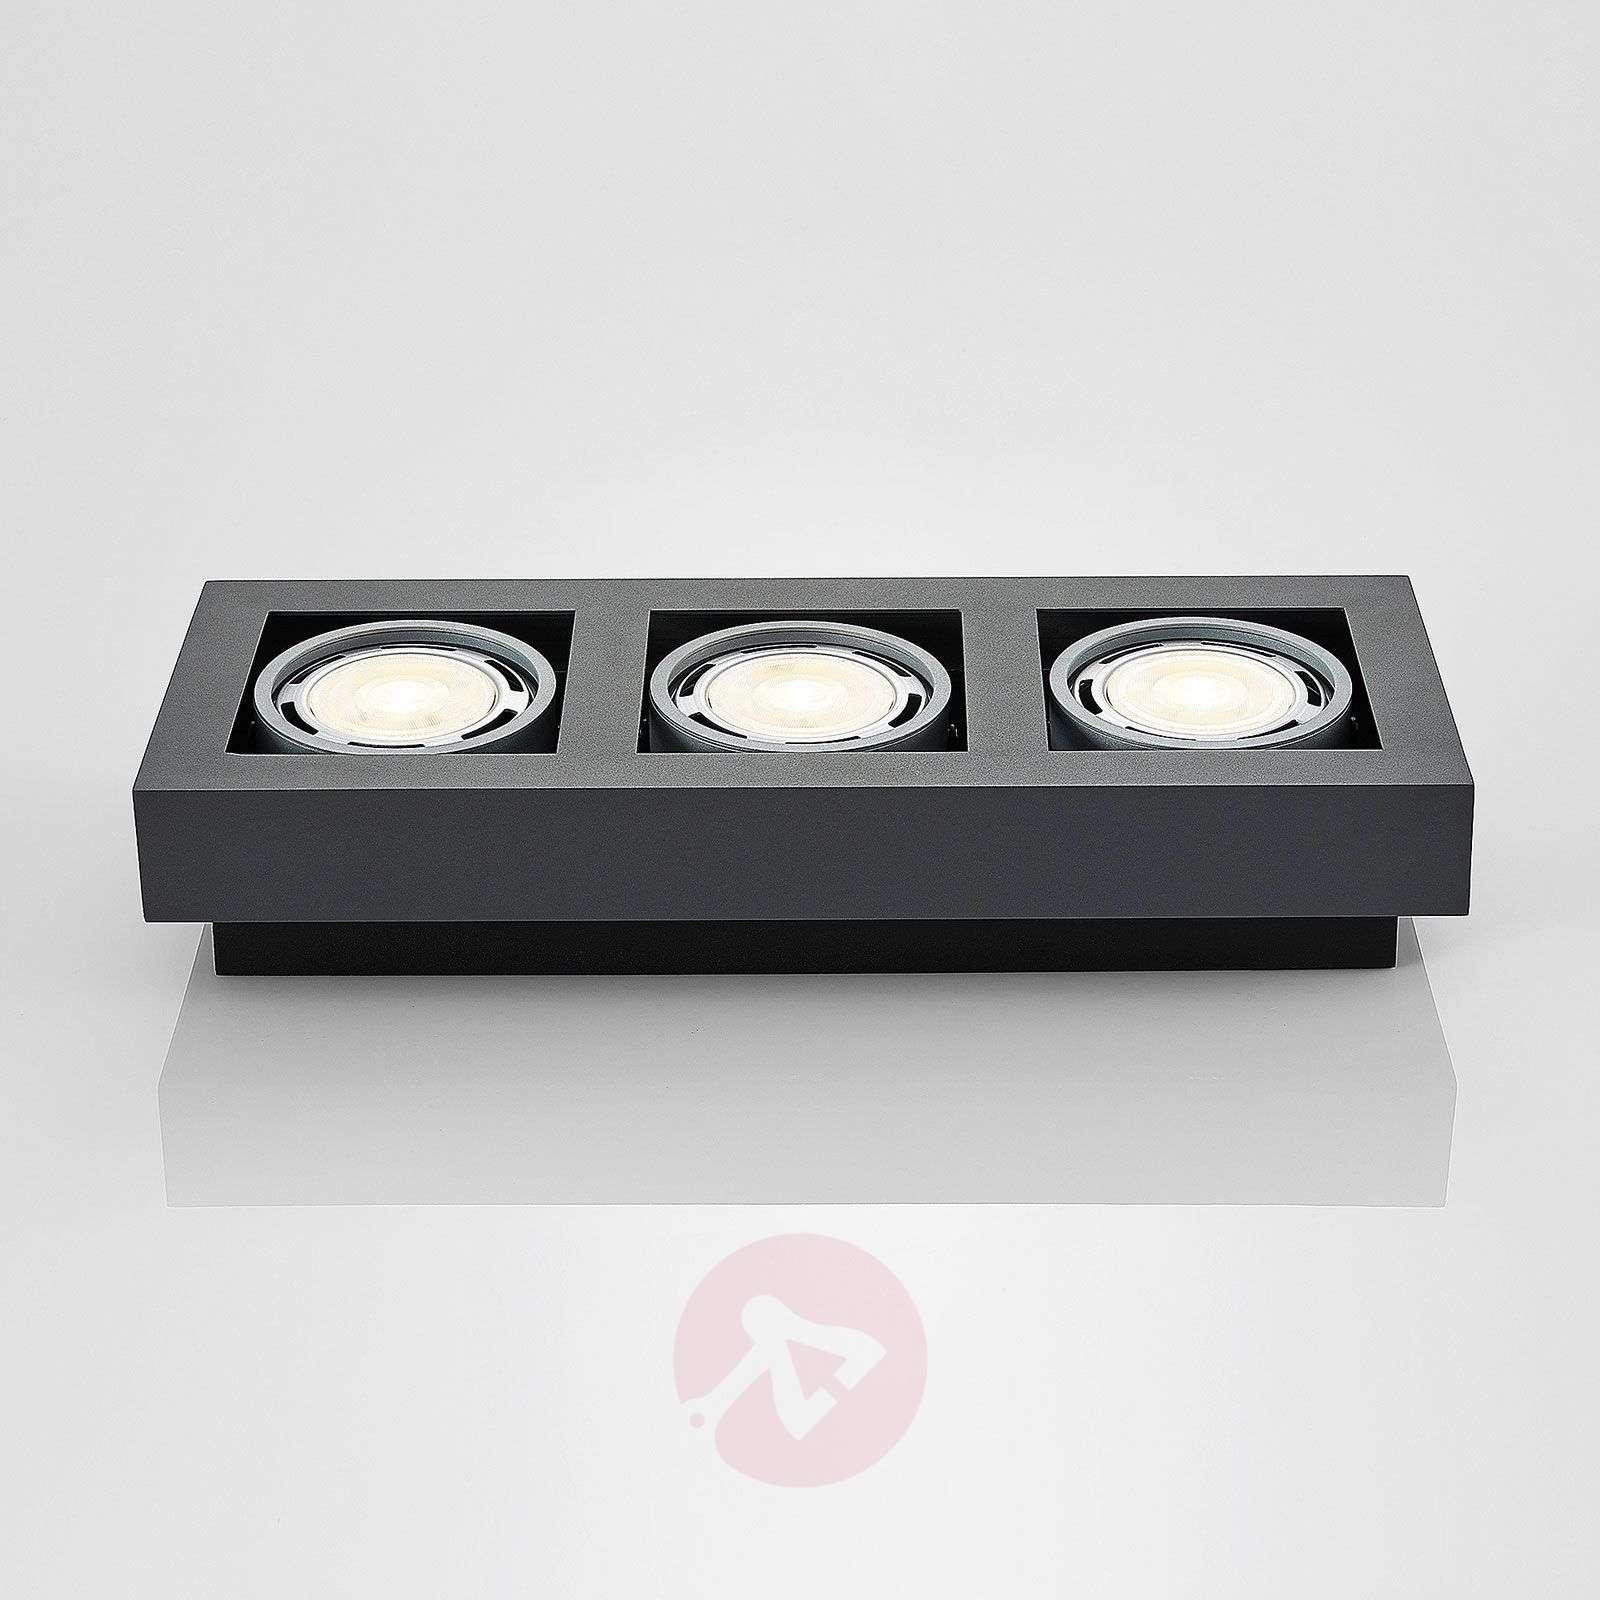 LED-kattospotti Ronka, GU10, 3-lampp., t.harmaa-9624451-01